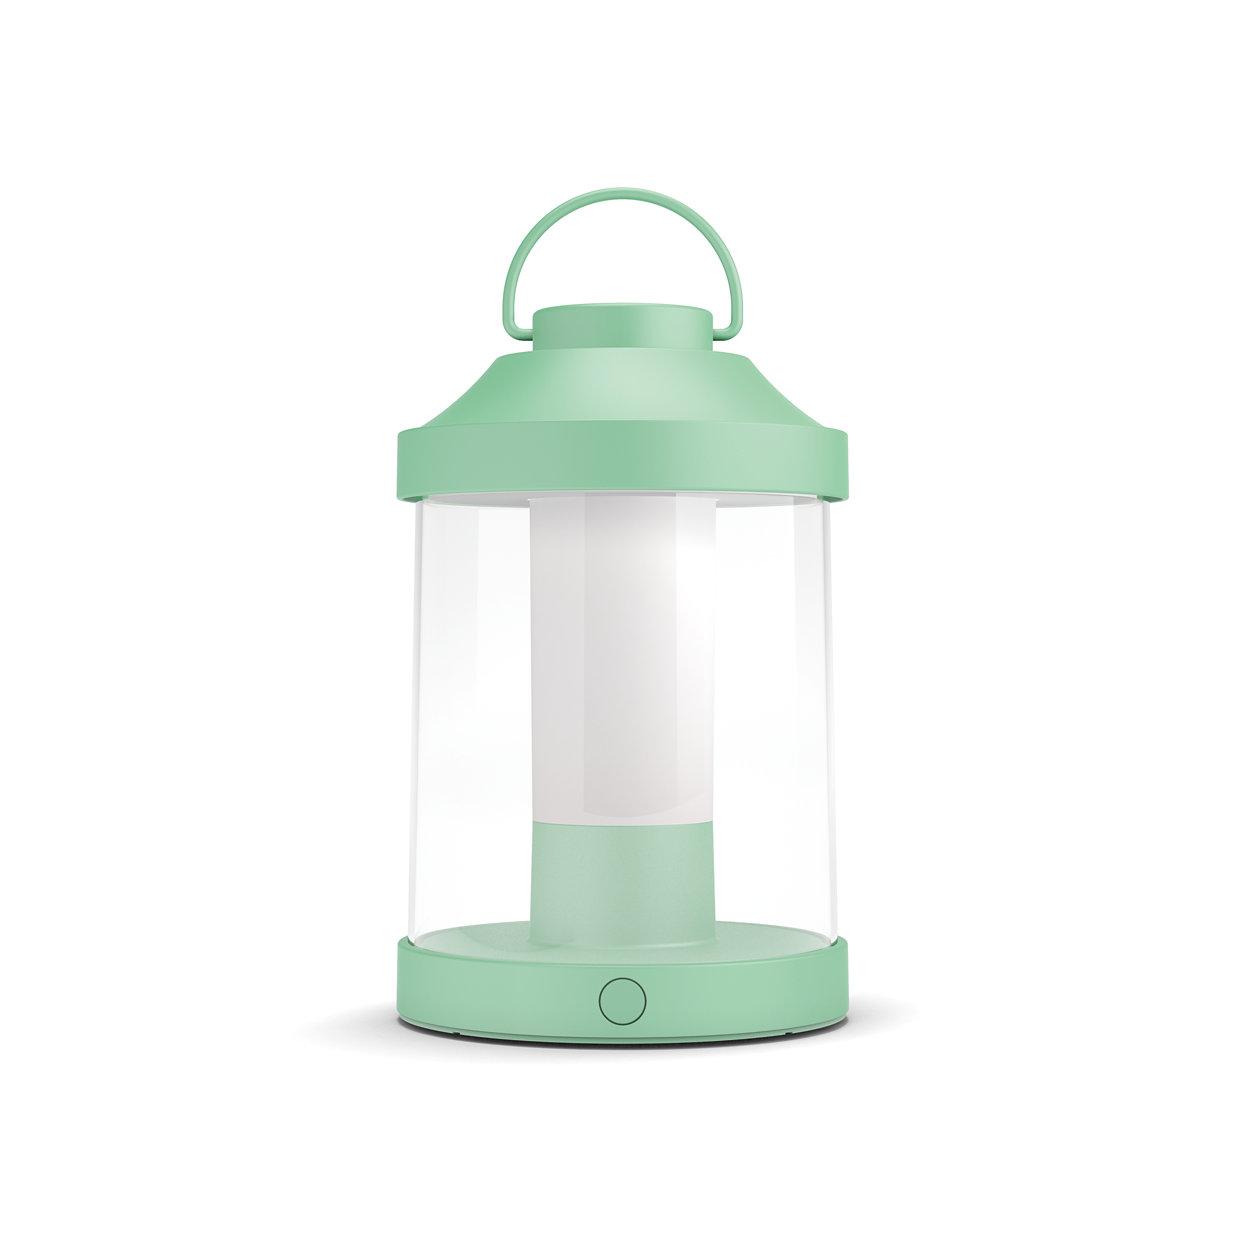 Taşınabilir bir lambayla dışarıda uzun gecelerin tadını çıkarın